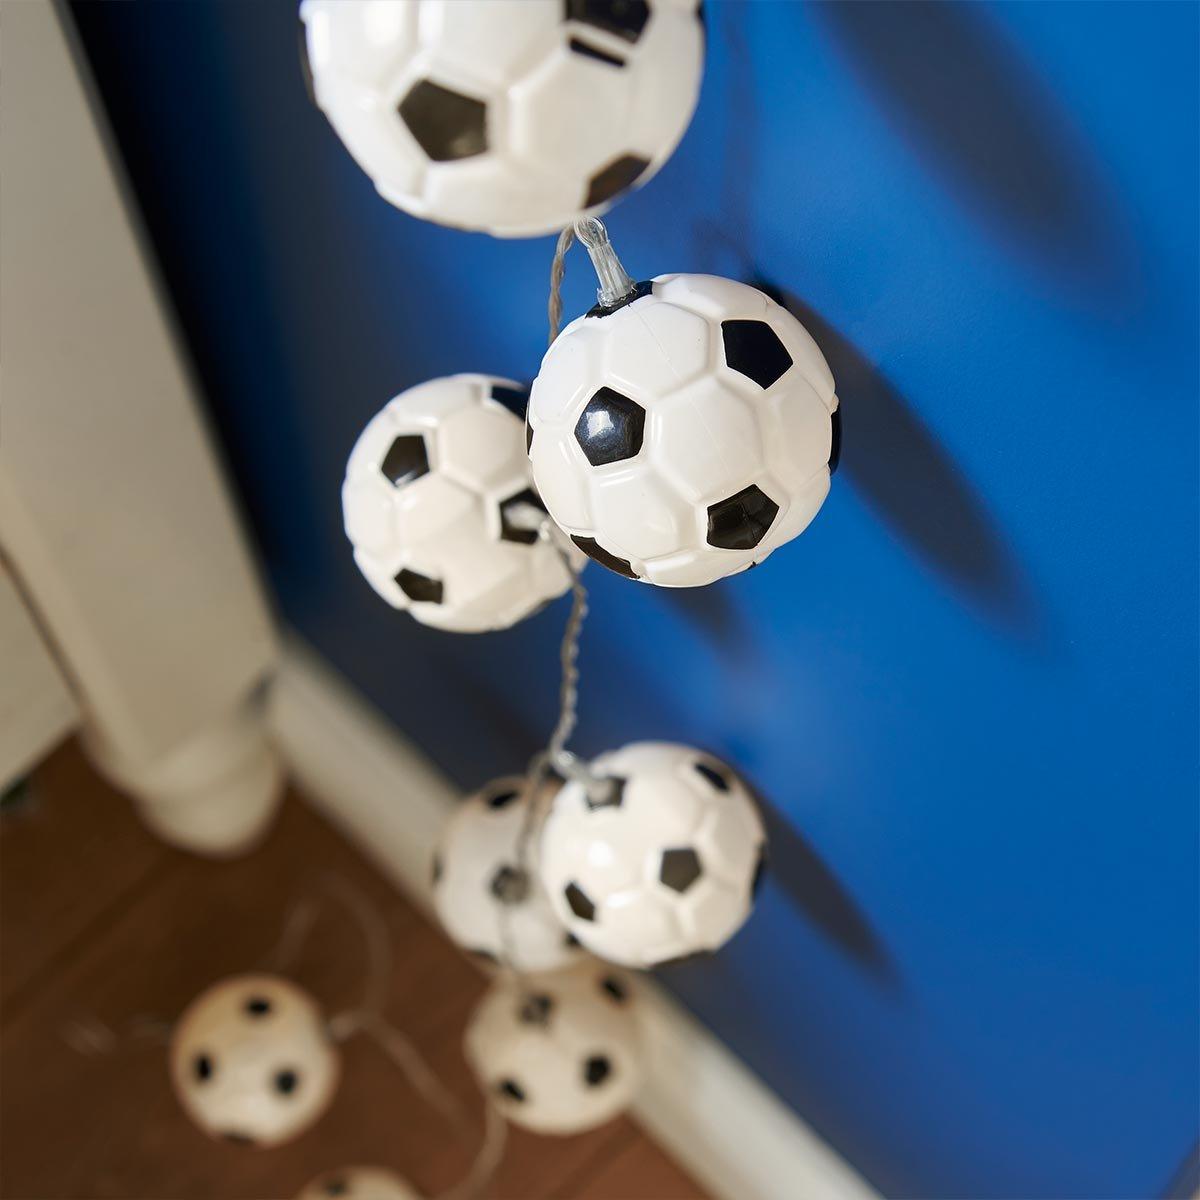 Le Cadeau Id/éal pour les fans de foot! Guirlande Lumineuse 10 Mini Ballons de Football /à LED 1,35 M/ètre /à Piles